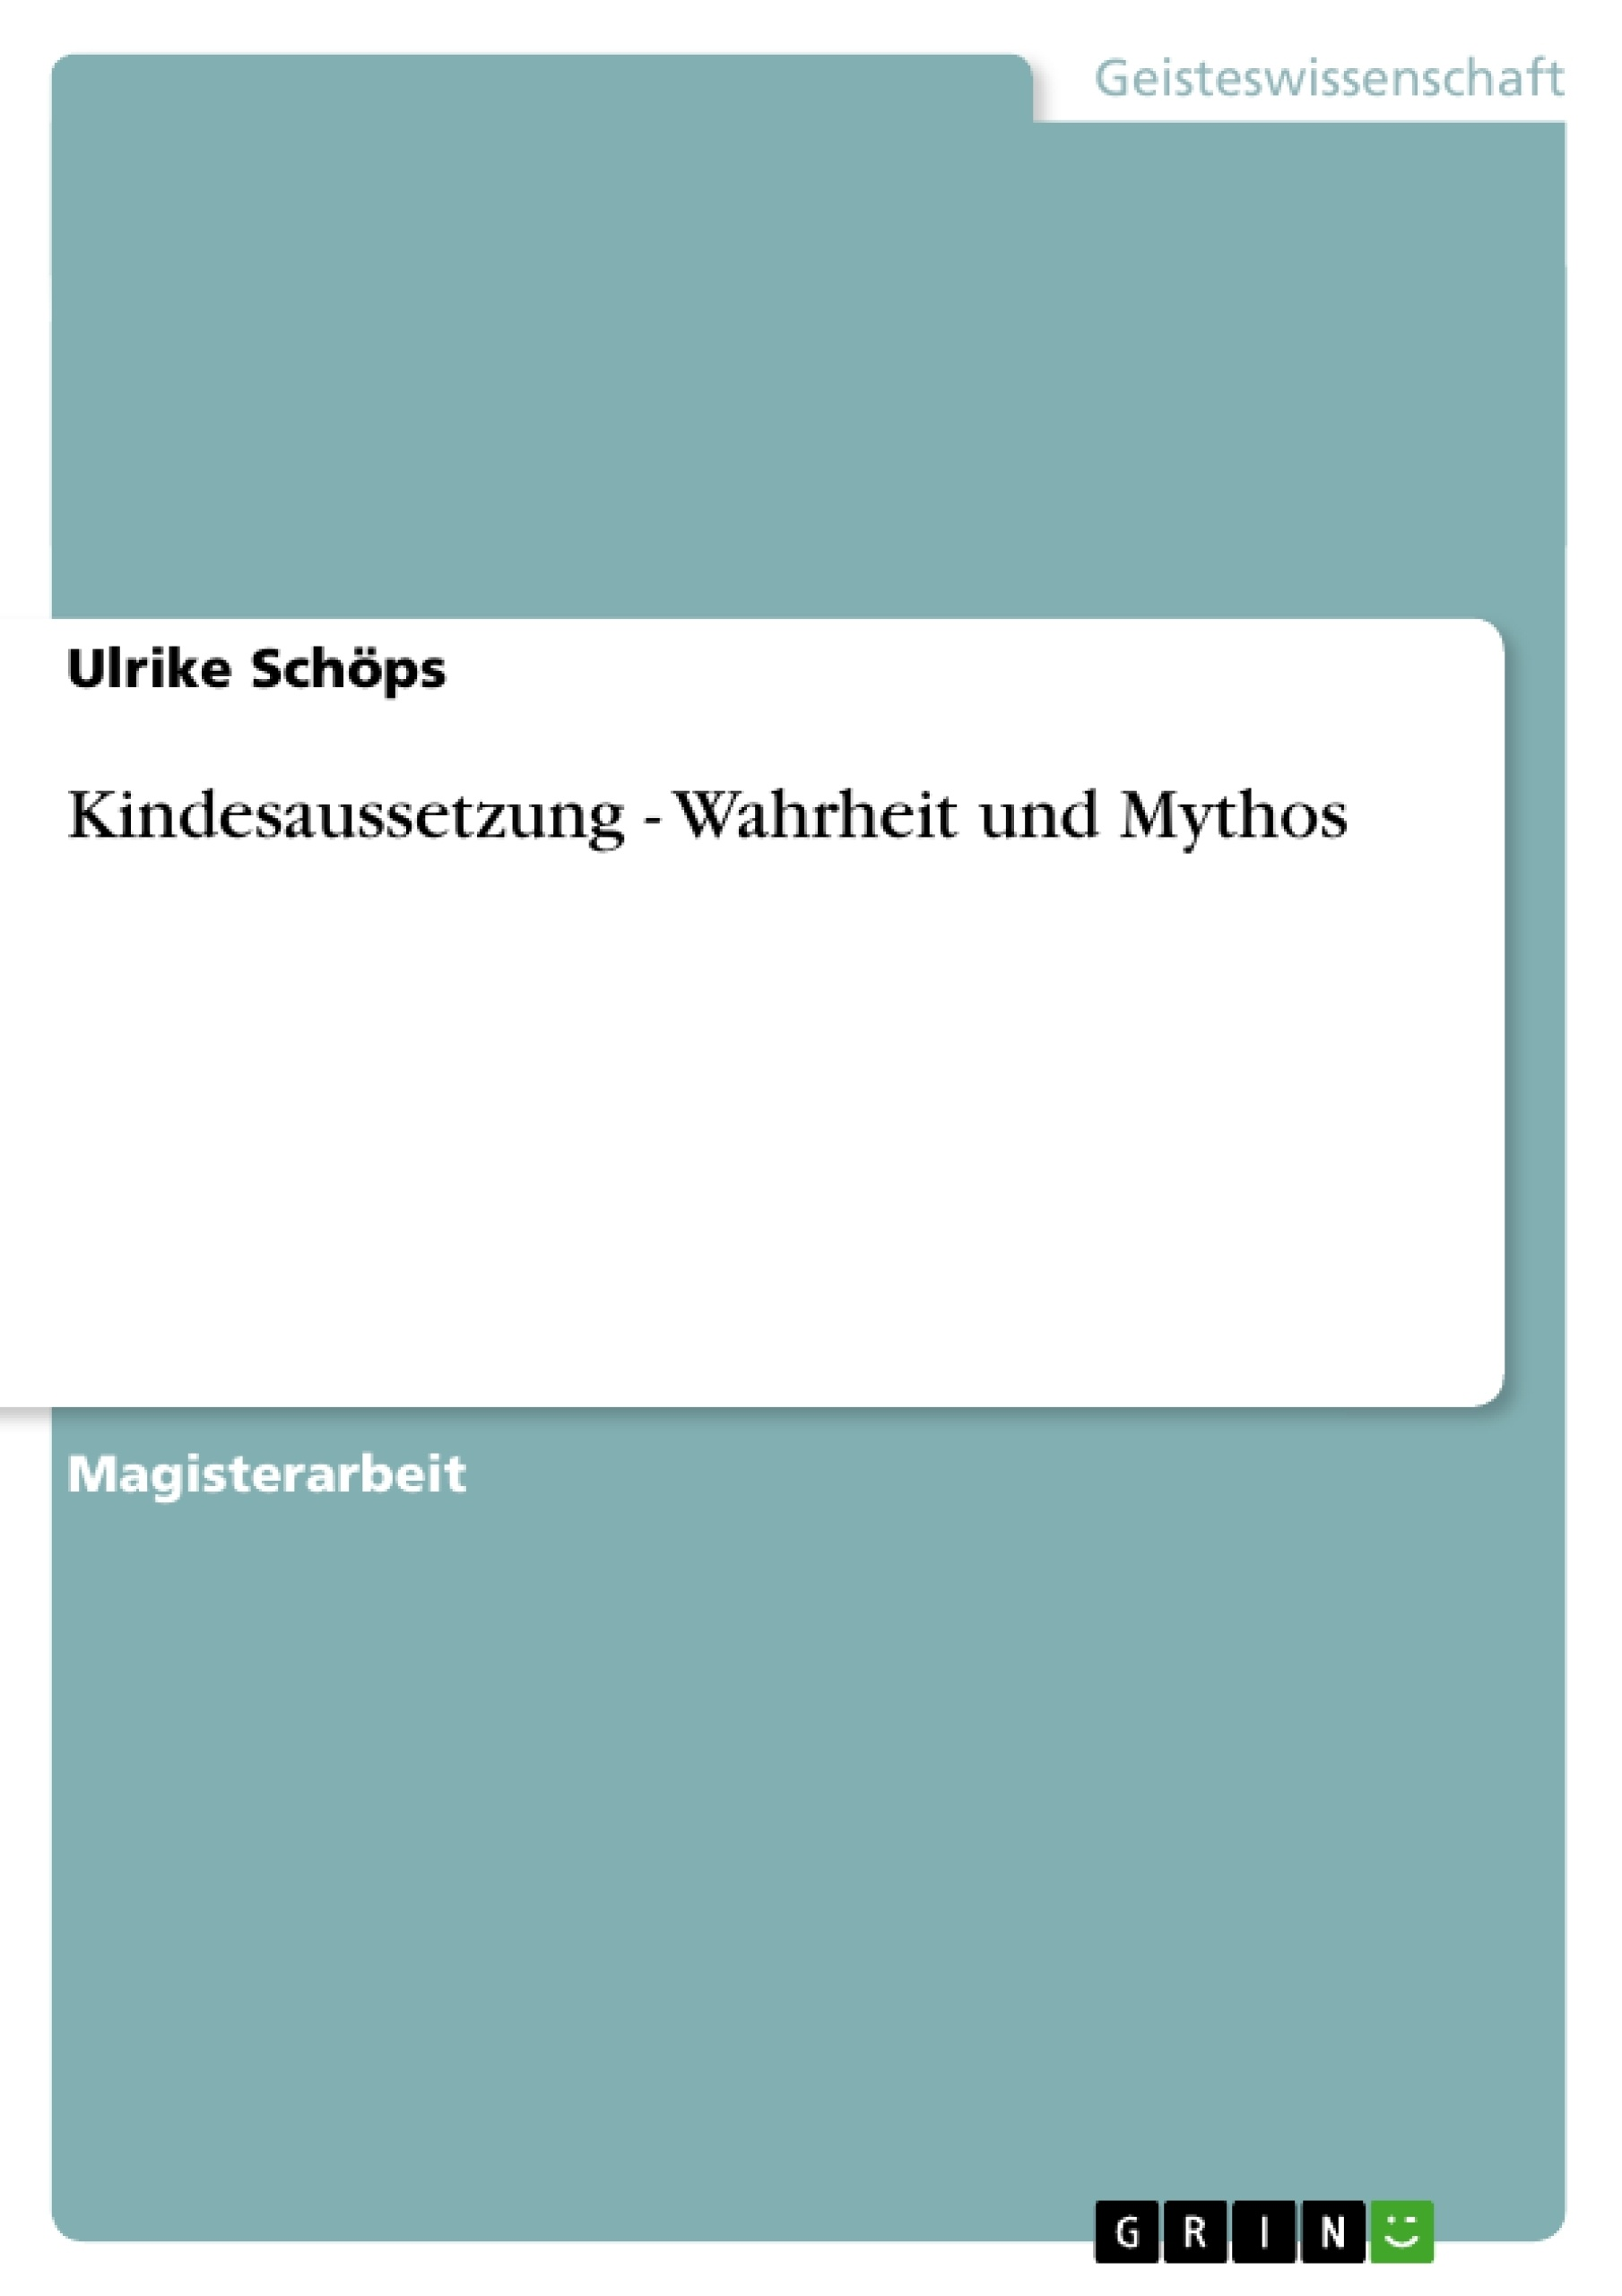 Titel: Kindesaussetzung - Wahrheit und Mythos